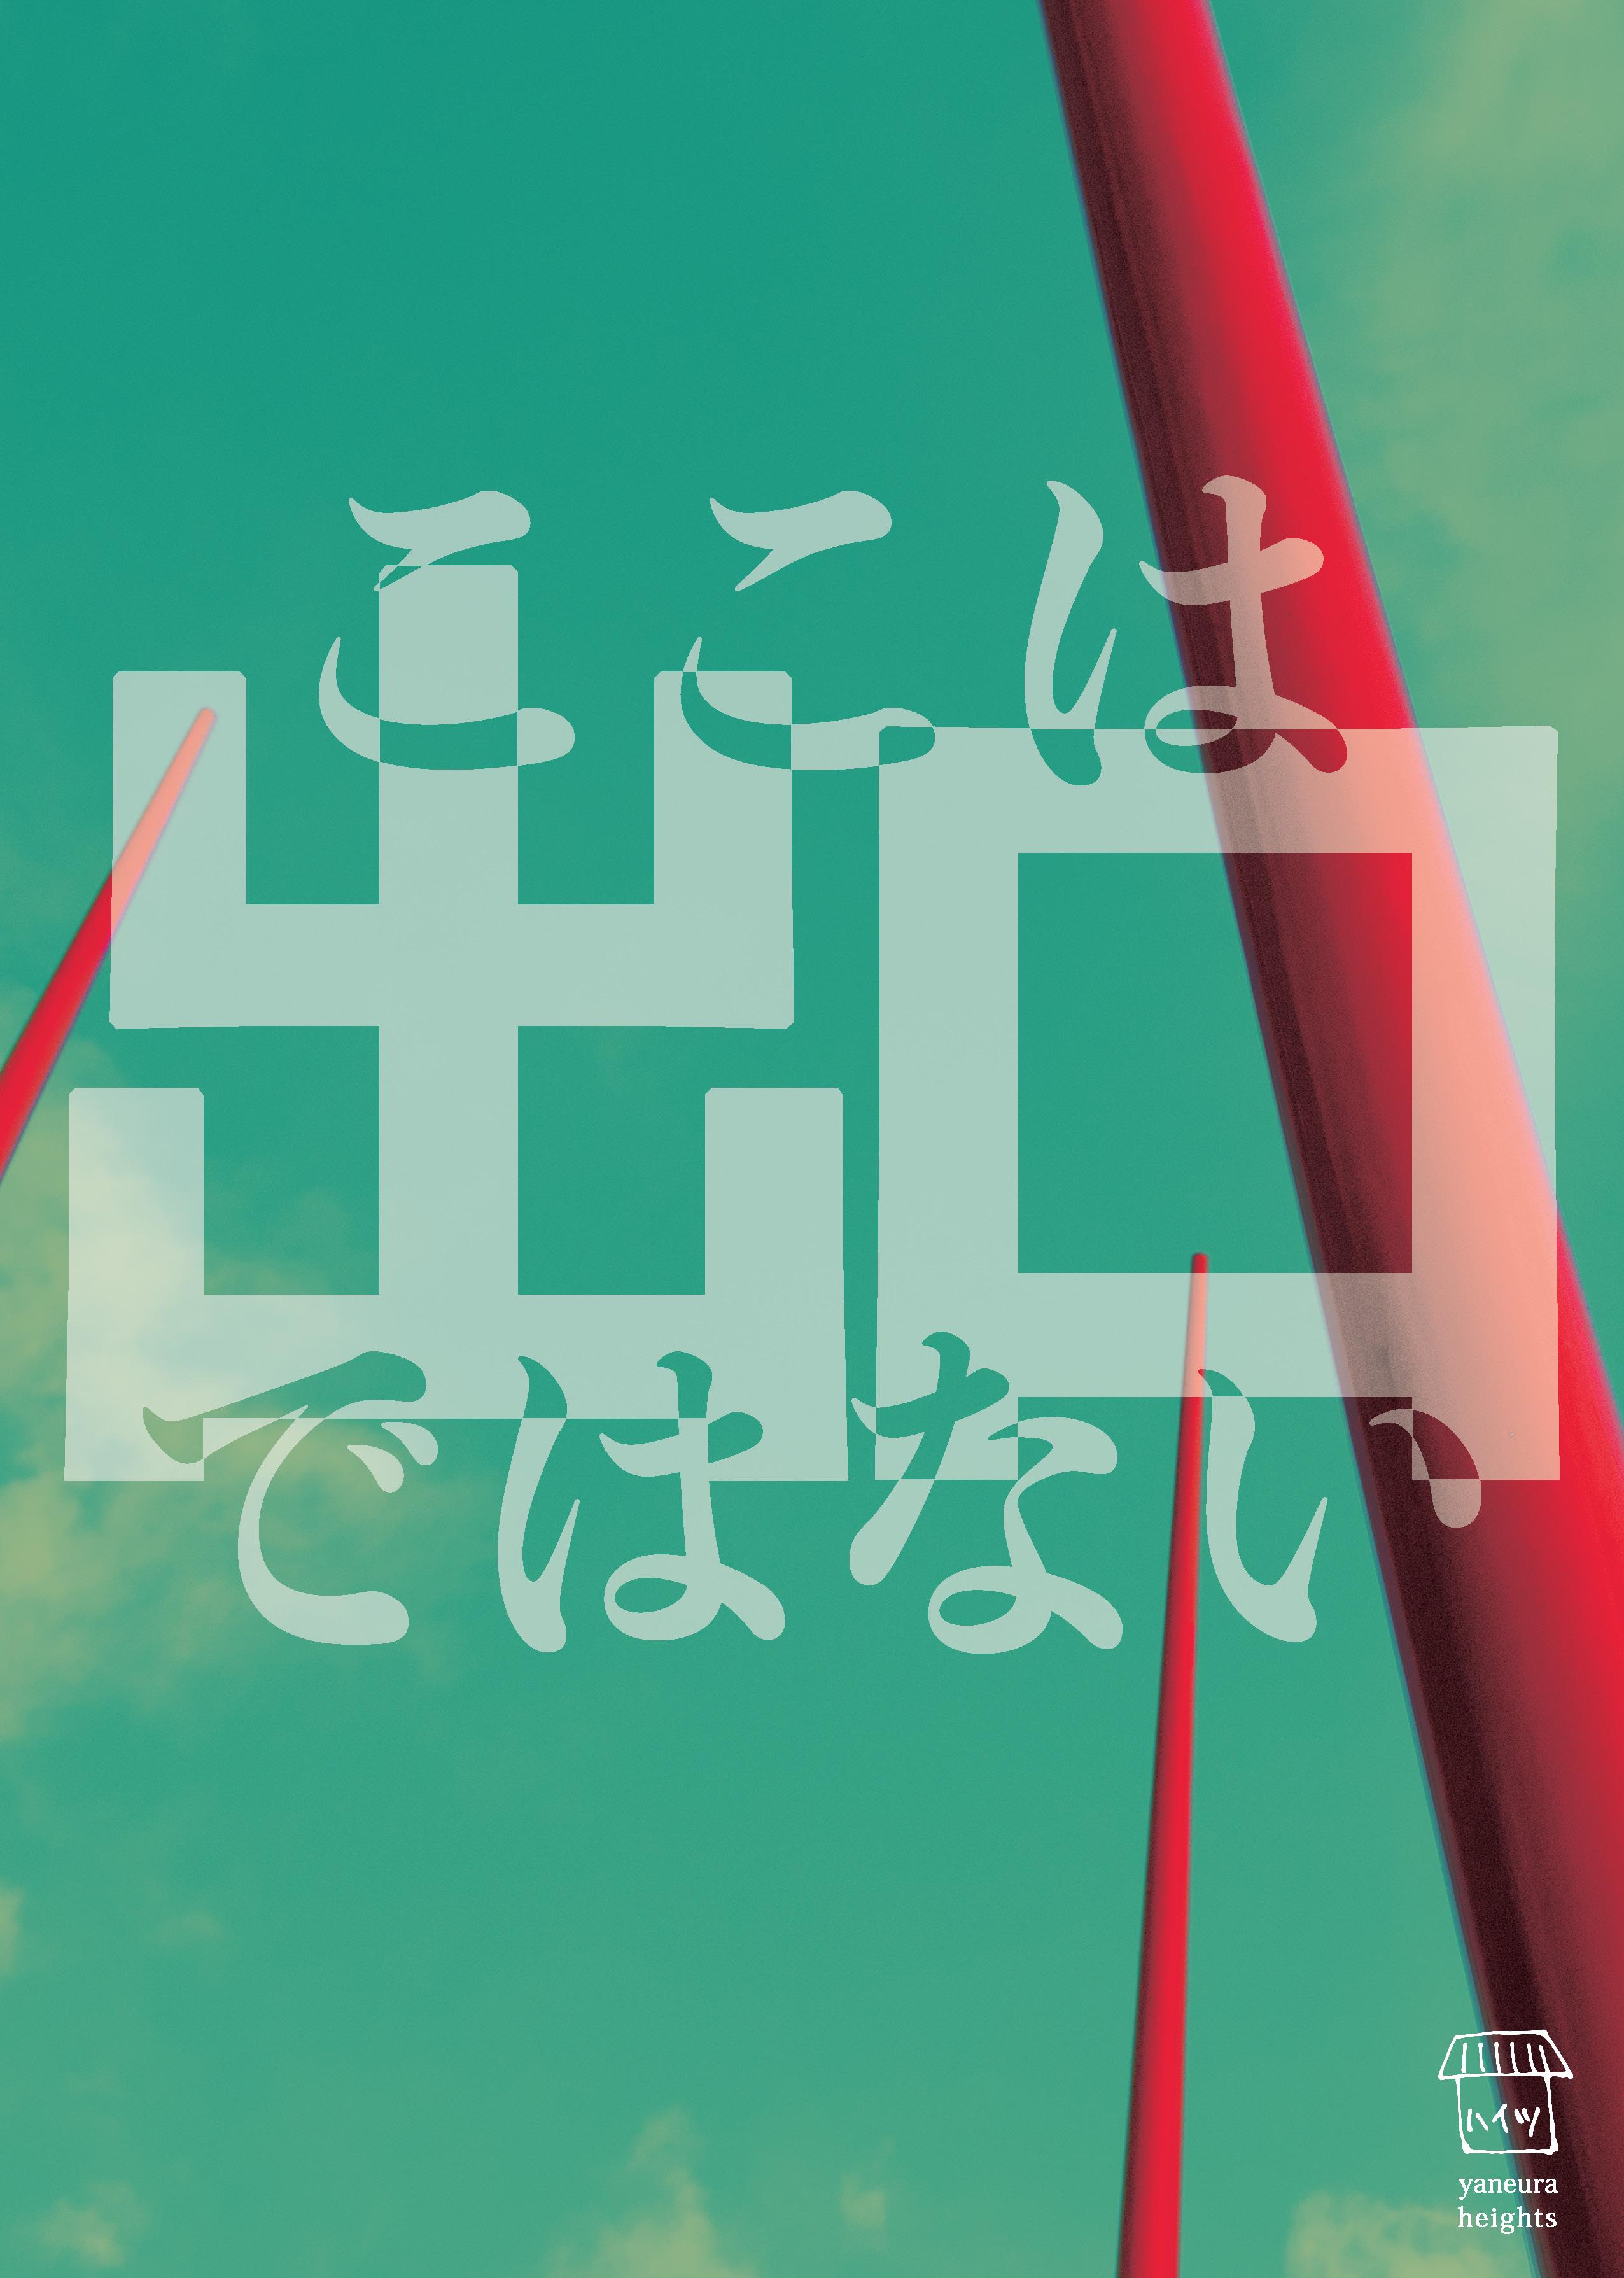 屋根裏ハイツ5F 『ここは出口ではない』横浜公演 12/23